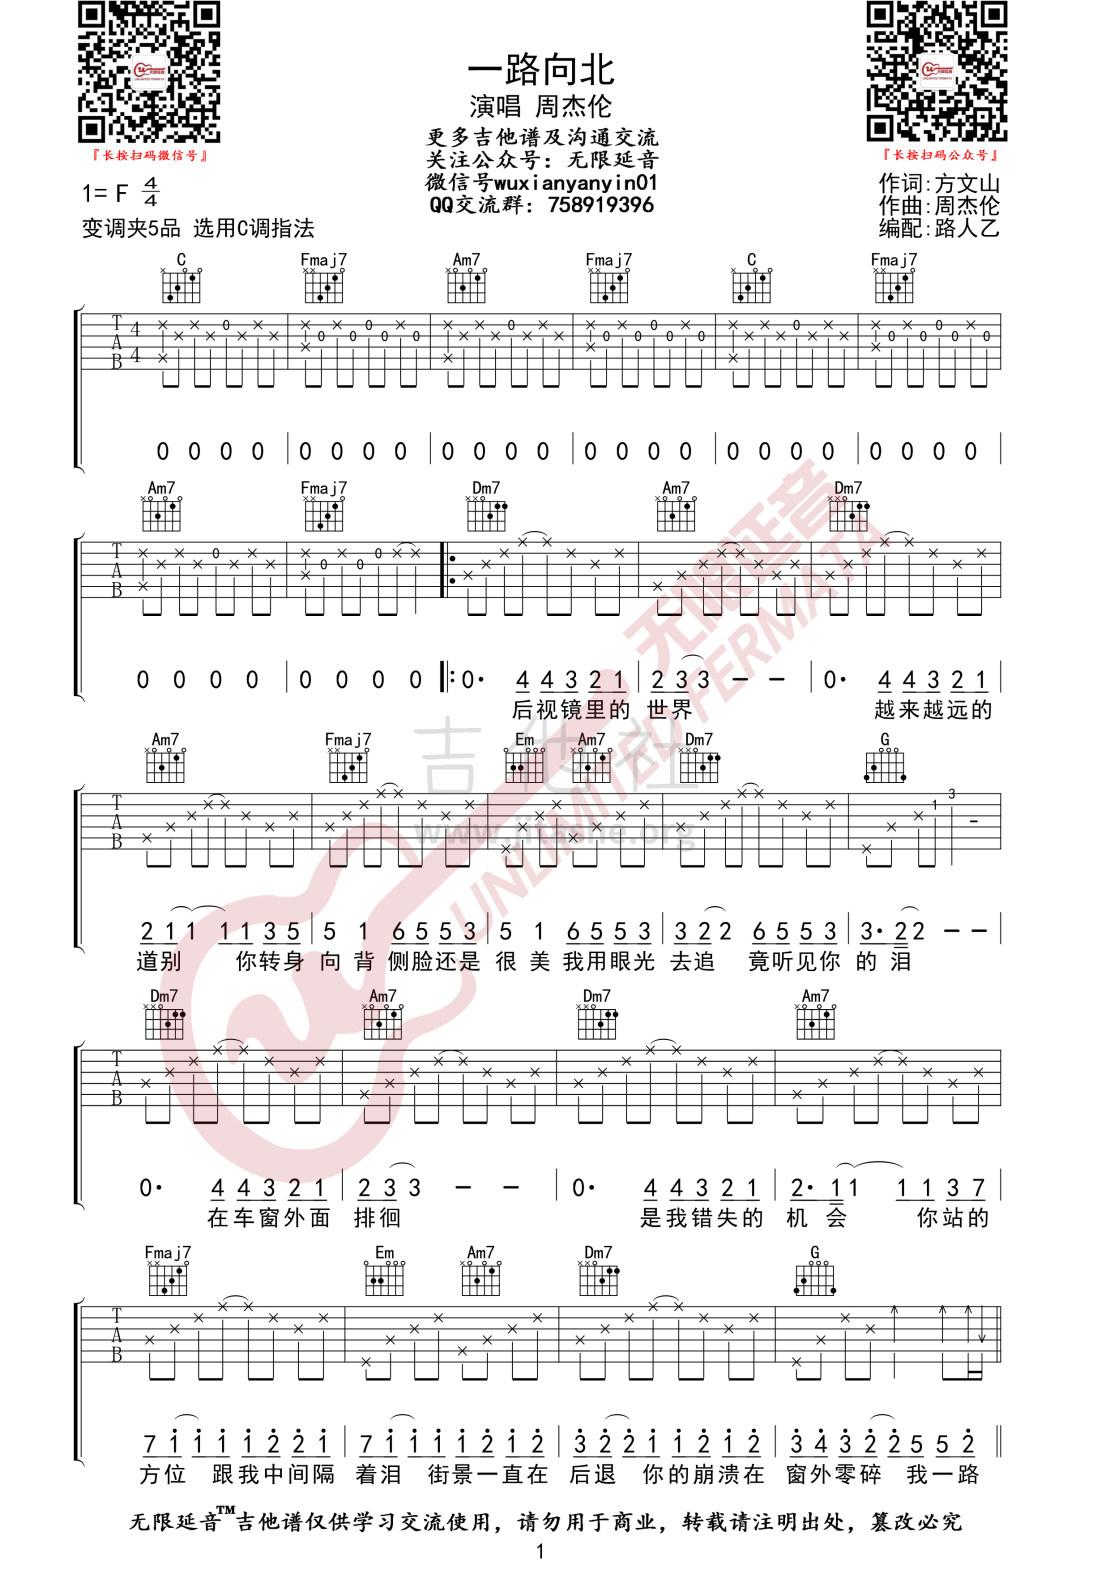 一路向北(无限延音编配)吉他谱(图片谱,无限延音编配,弹唱)_周杰伦(Jay Chou)_一路向北01.jpg